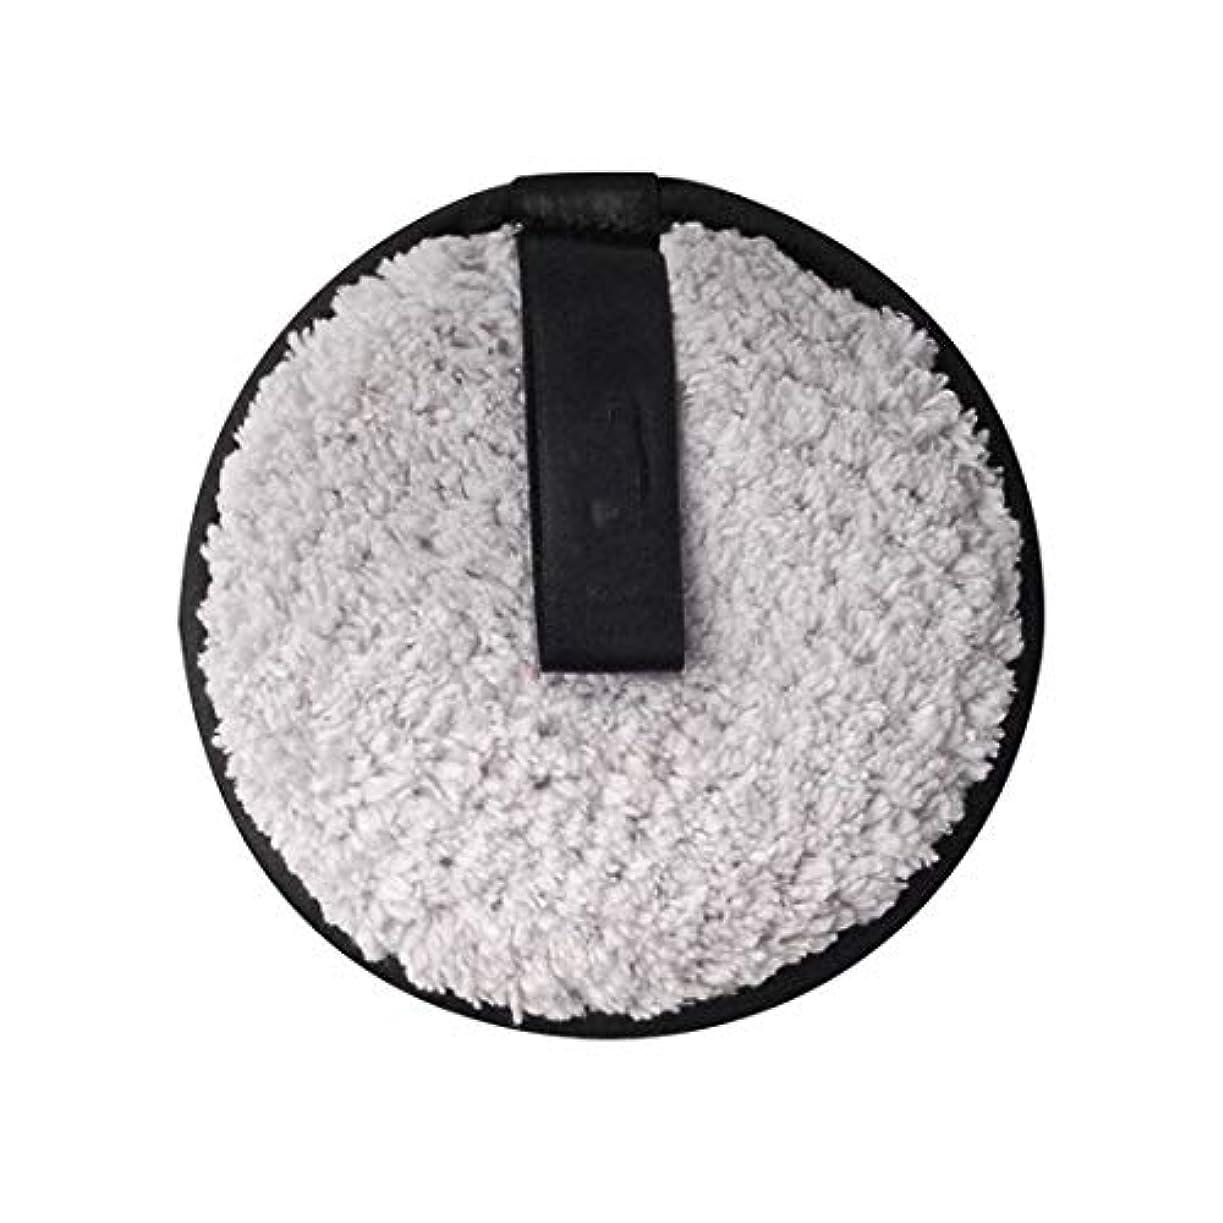 基本的な欠点通りメイク落とし布マジックタオル、再利用可能な洗顔タオル - 化学薬品を含まない、ただ水で化粧をすぐに落とす(6PCS),Gray